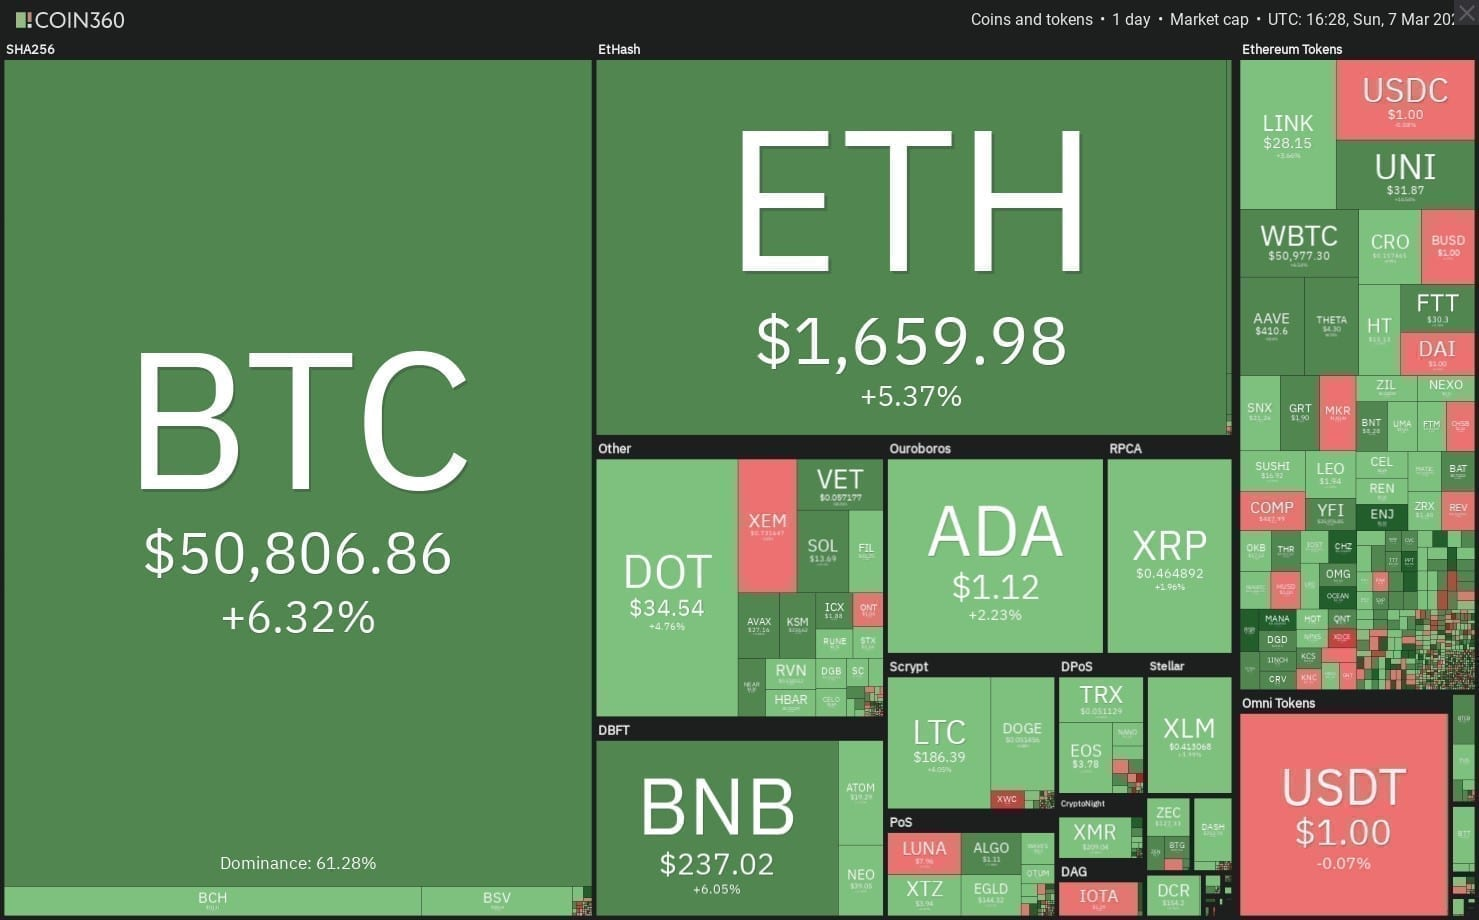 marché cryptomonnaie 8 mars 2021